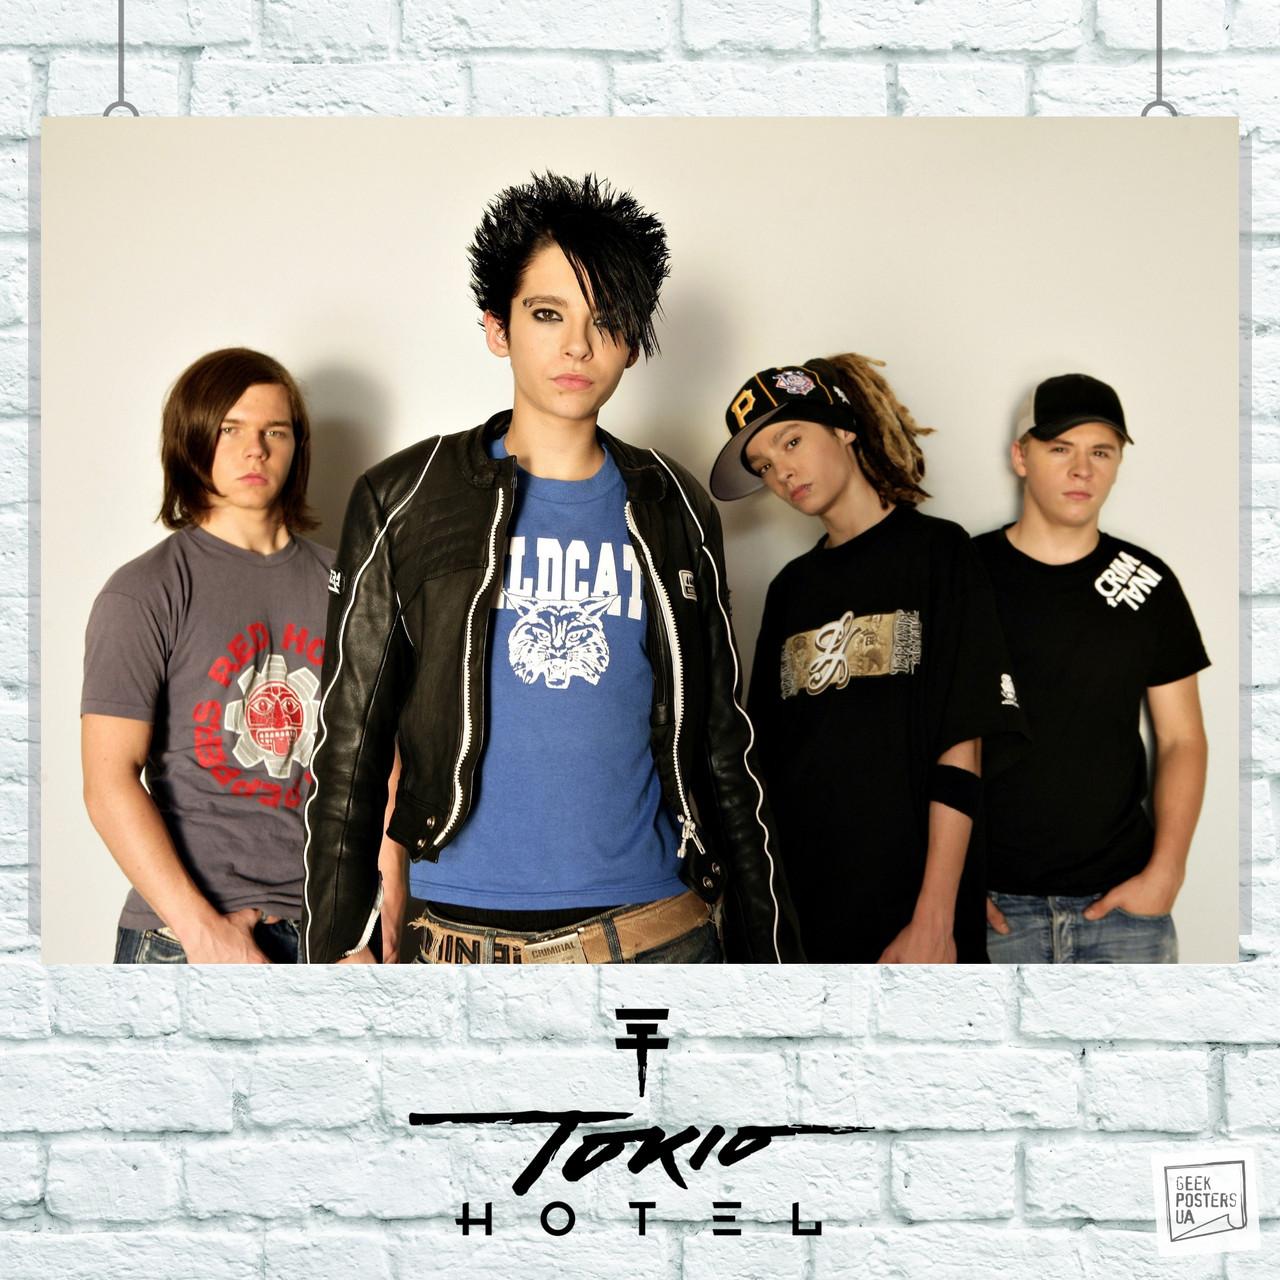 Постер Tokio Hotel. Размер 60x42см (A2). Глянцевая бумага